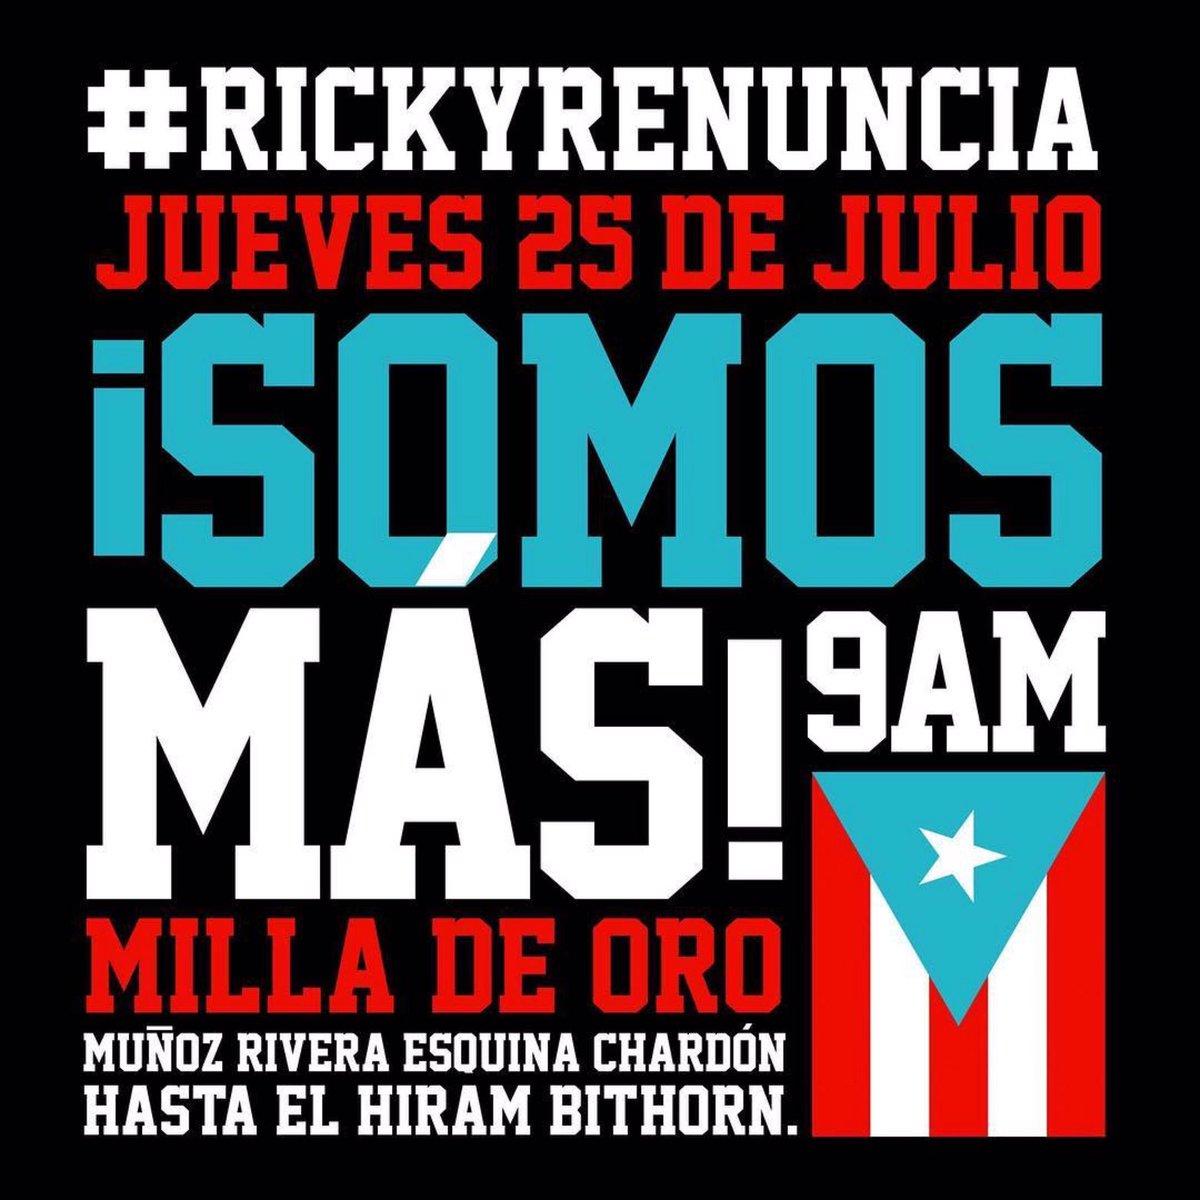 Puerto Rico. No te dejes engañar. Seguimos unidos. https://t.co/fODjHr3es9